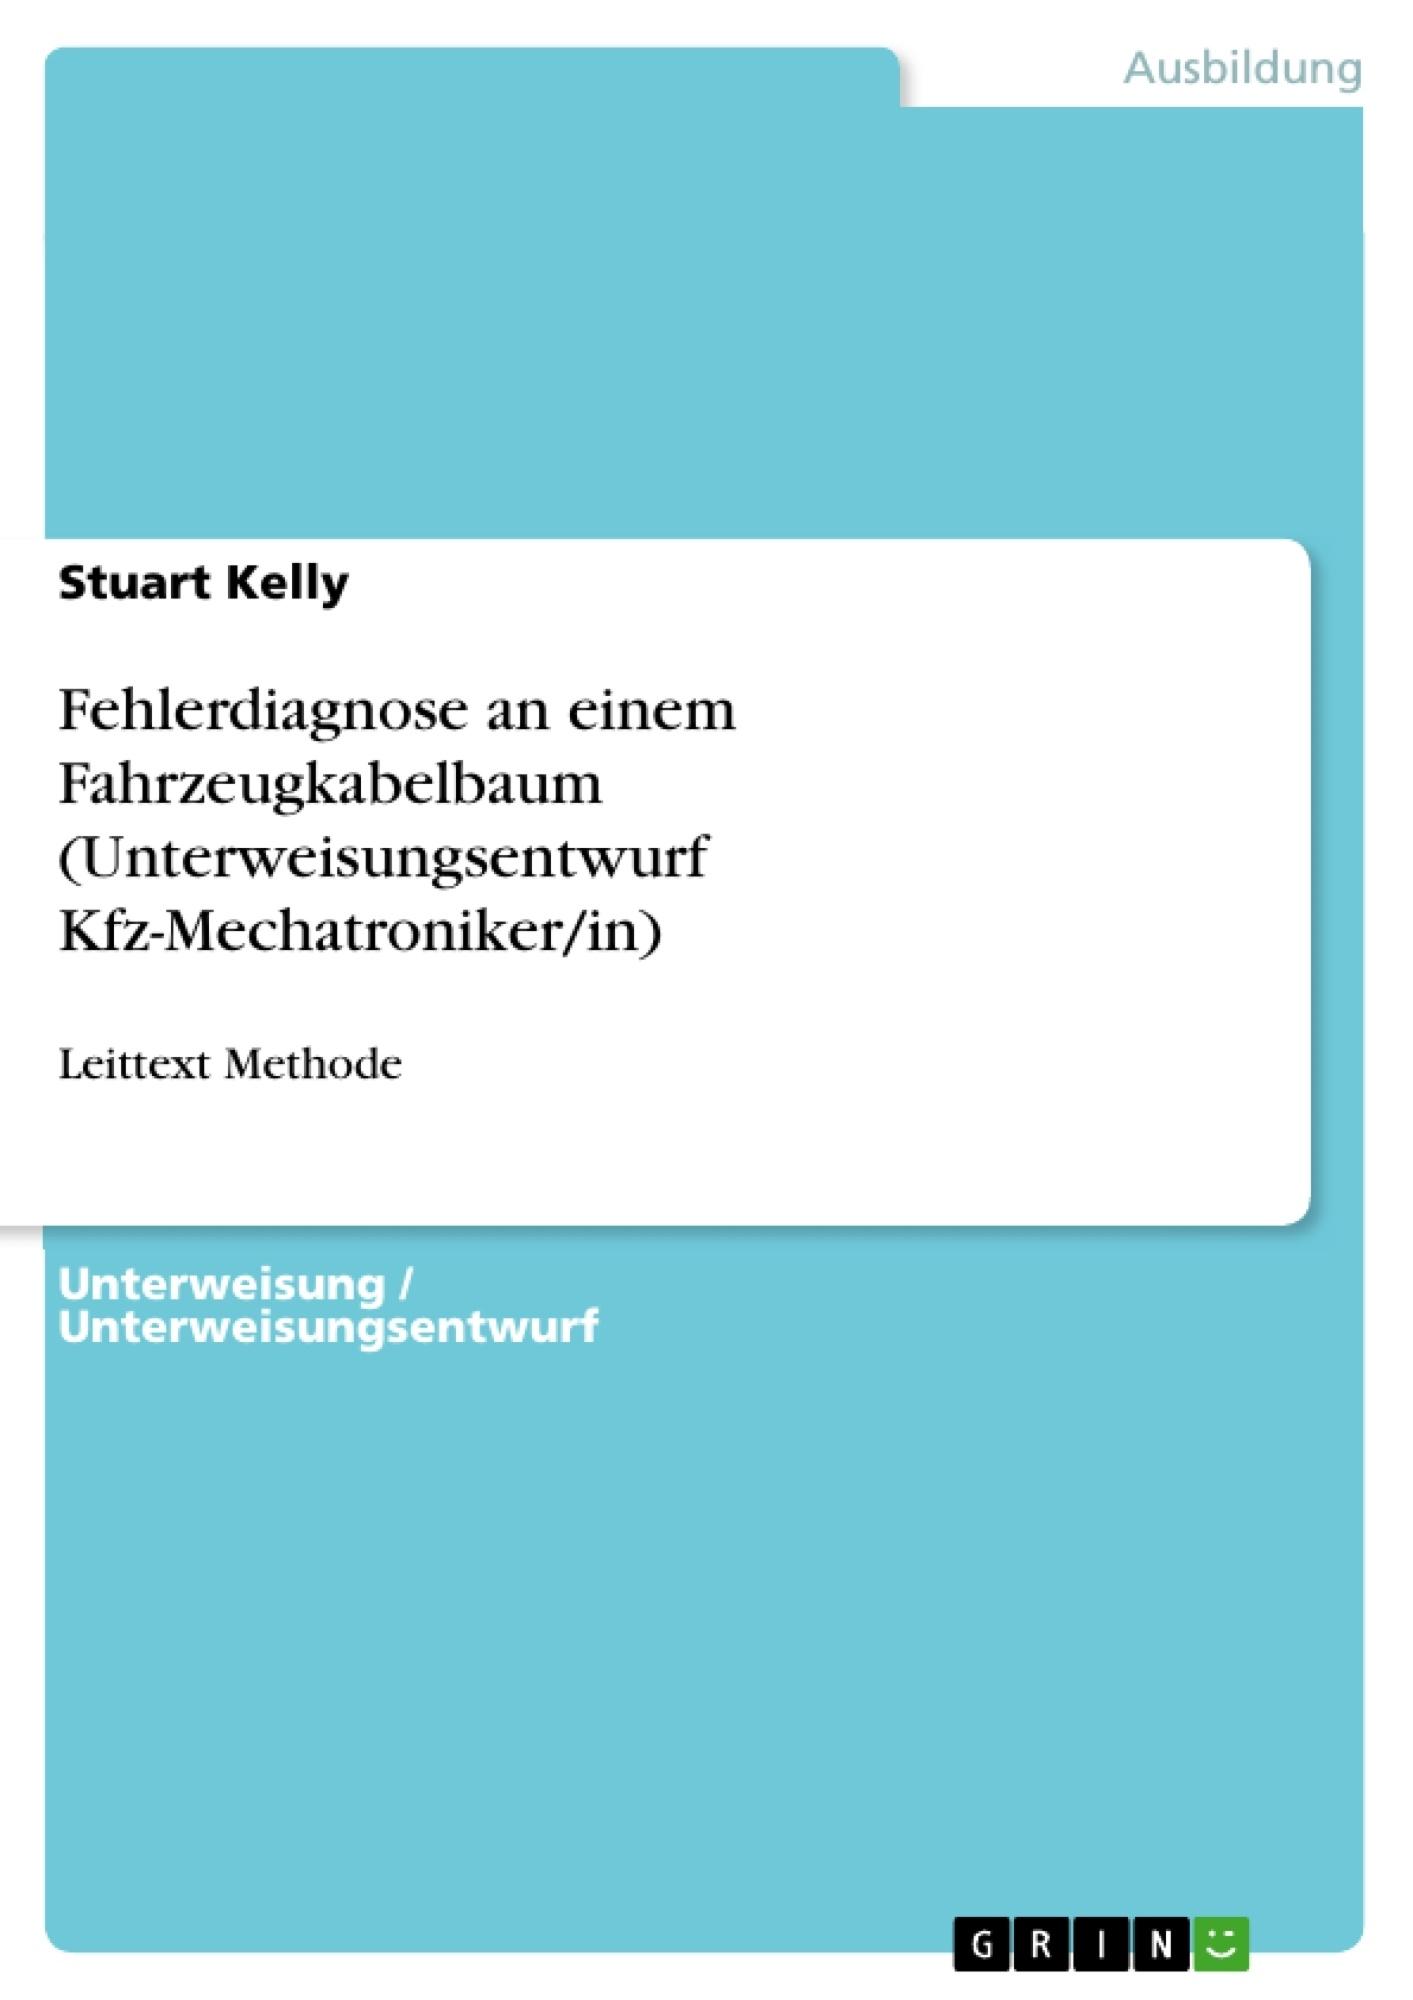 Titel: Fehlerdiagnose an einem Fahrzeugkabelbaum (Unterweisungsentwurf Kfz-Mechatroniker/in)